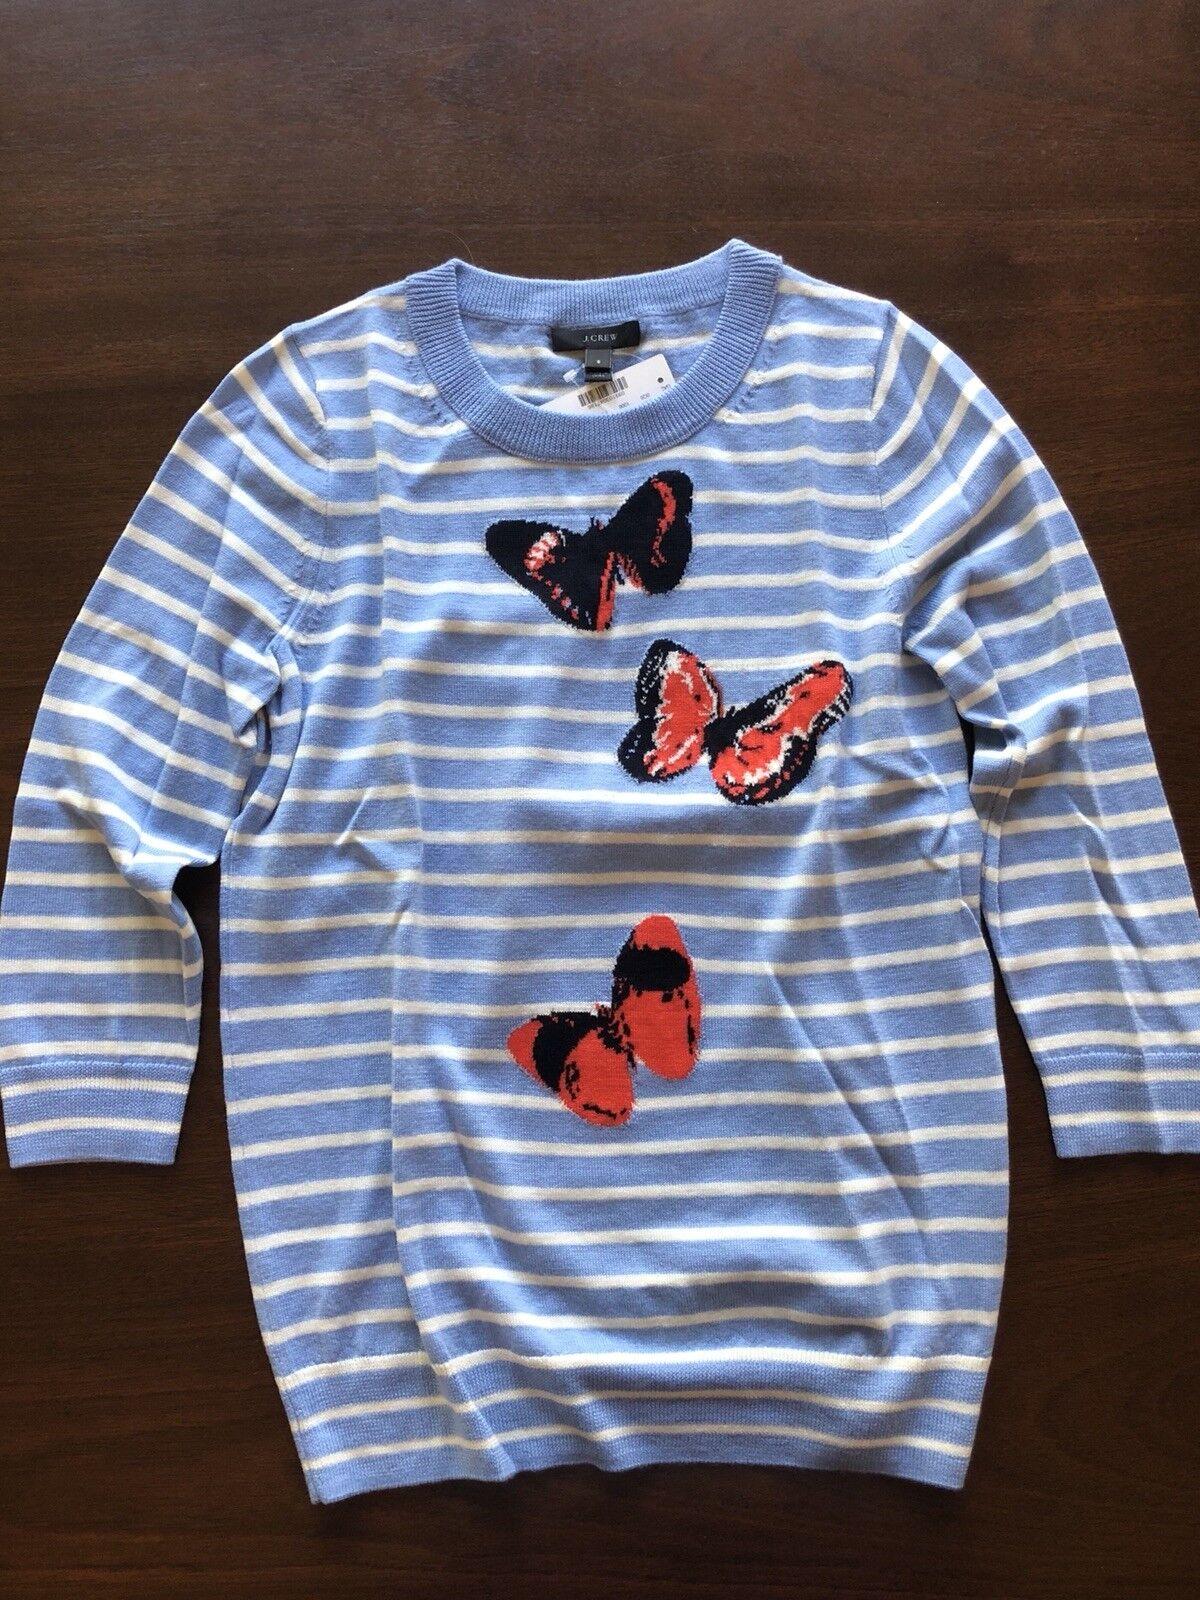 NWT JCREW Merino Tippi Sweater Stripe Monarch bluee Butterfly 3 4 Sleeve Size S